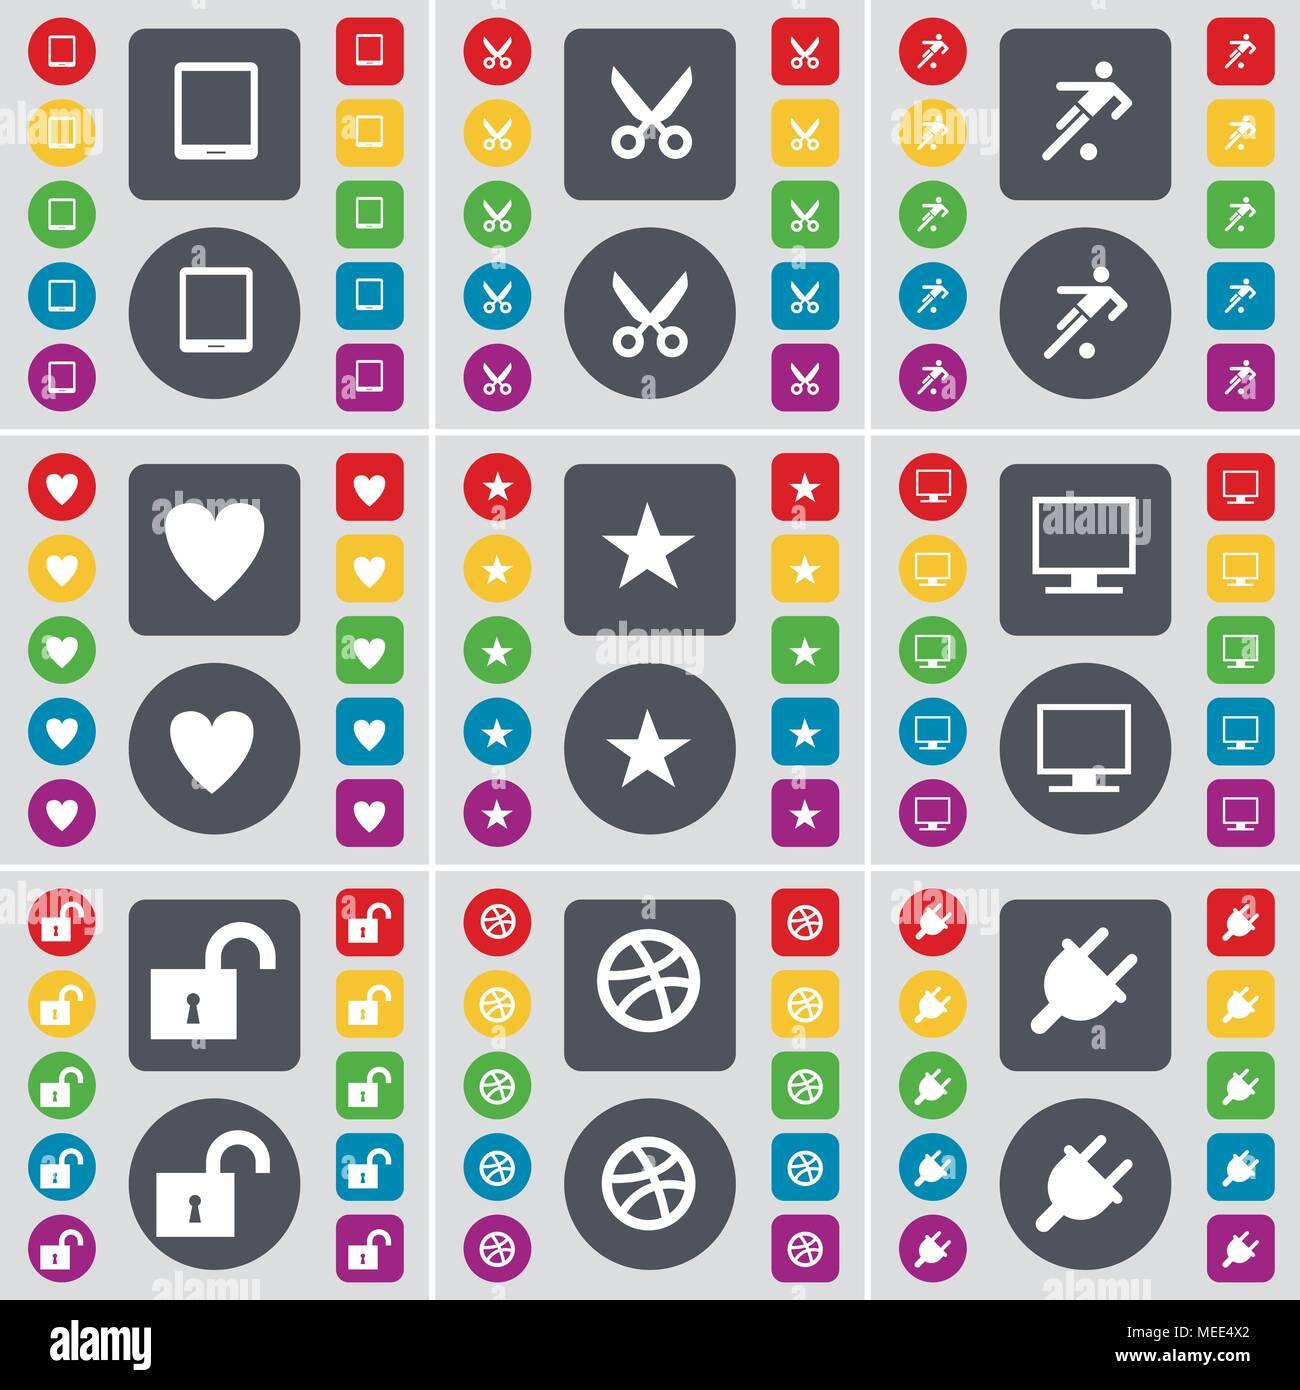 Eingereicht, PC, Schere, Fußball, Herz, Stern, Monitor, Lock, Kugel, Buchse Symbol. Eine große Auswahl an flache, farbige Schaltflächen für Ihre Konstruktion. Vektor illu Stockbild